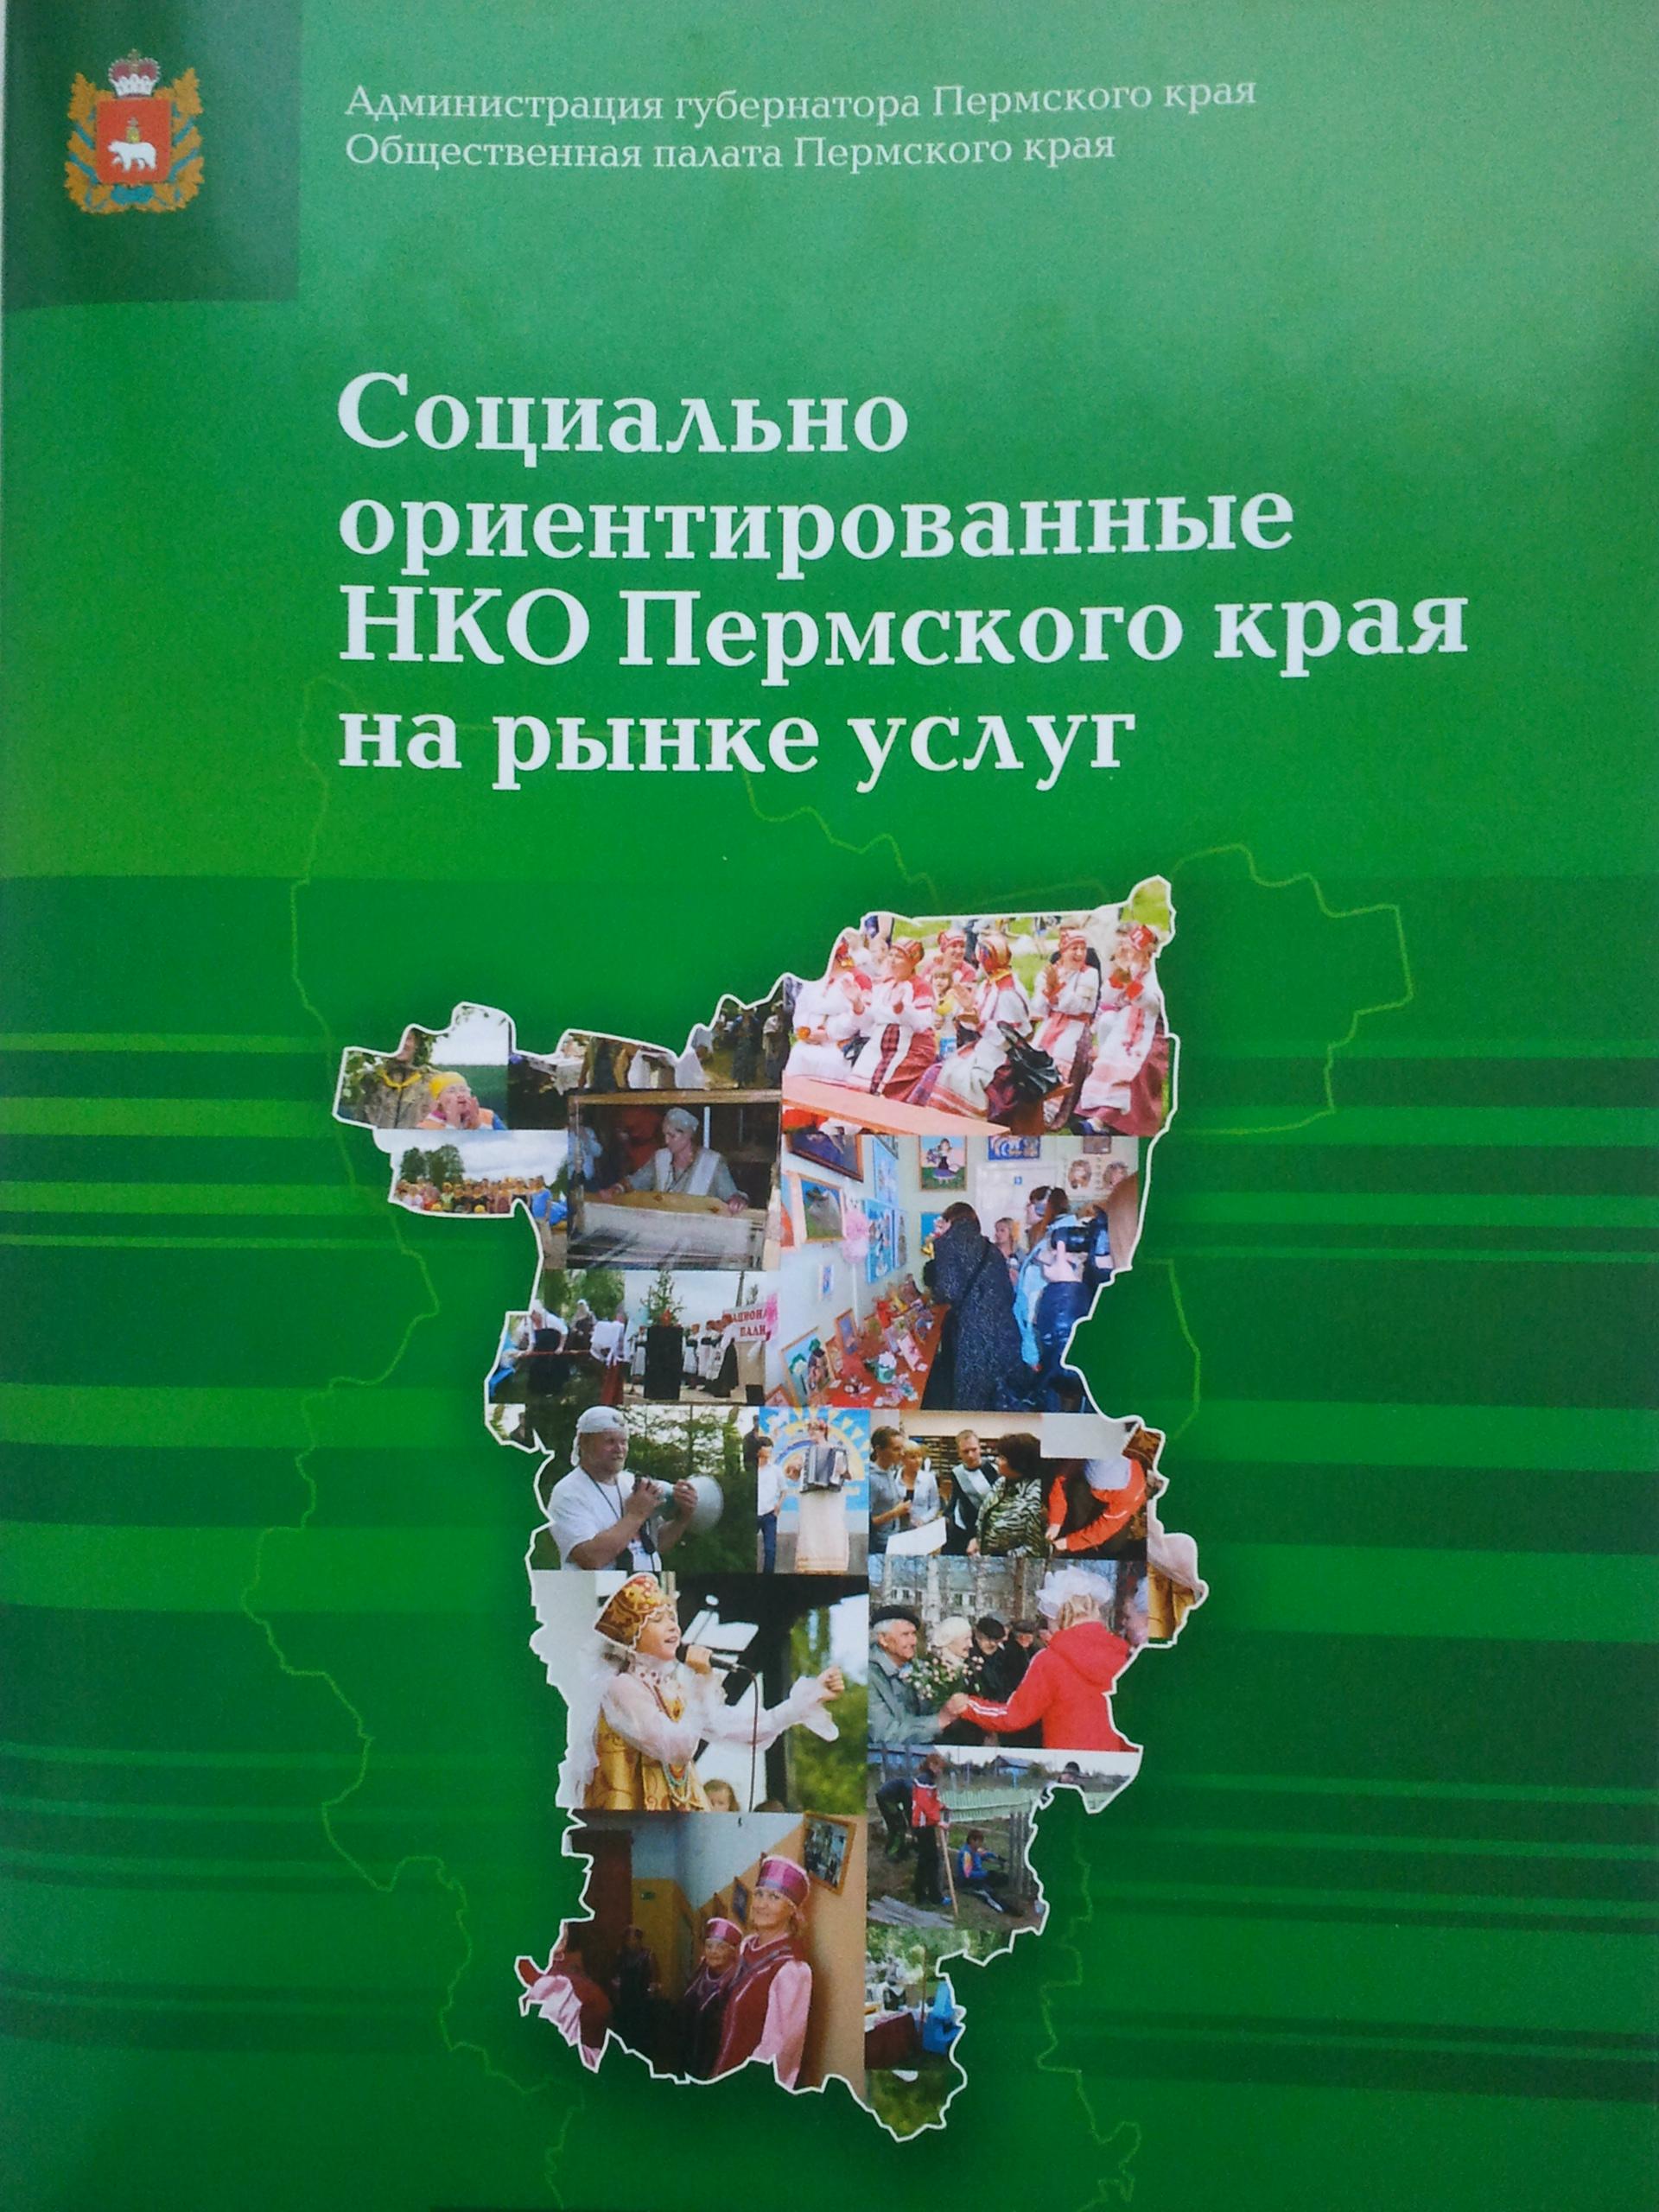 Социально-ориентированные НКО Пермского края на рынке услуг